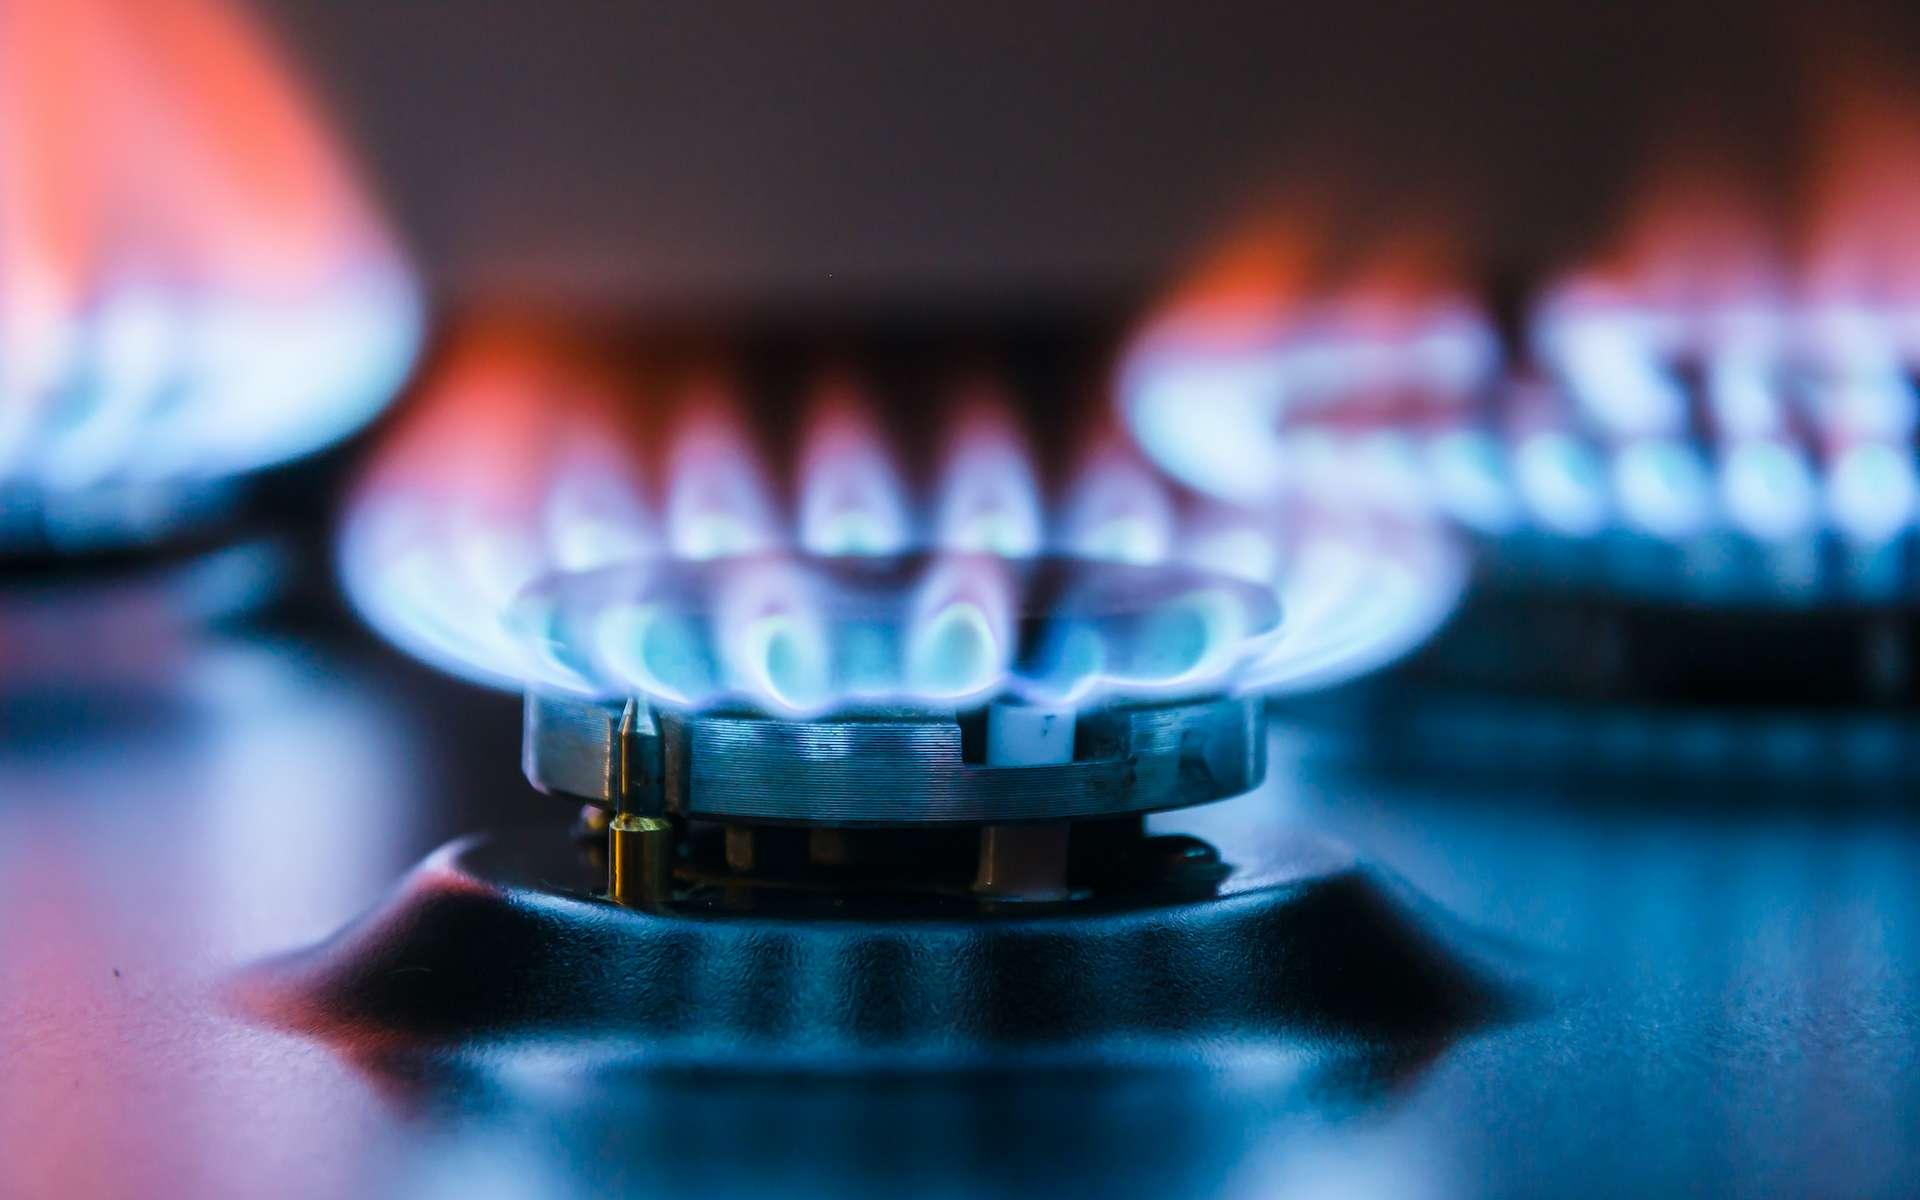 D'où vient l'odeur de gaz censée signaler une fuite ? © Valerii, Adobe Stock